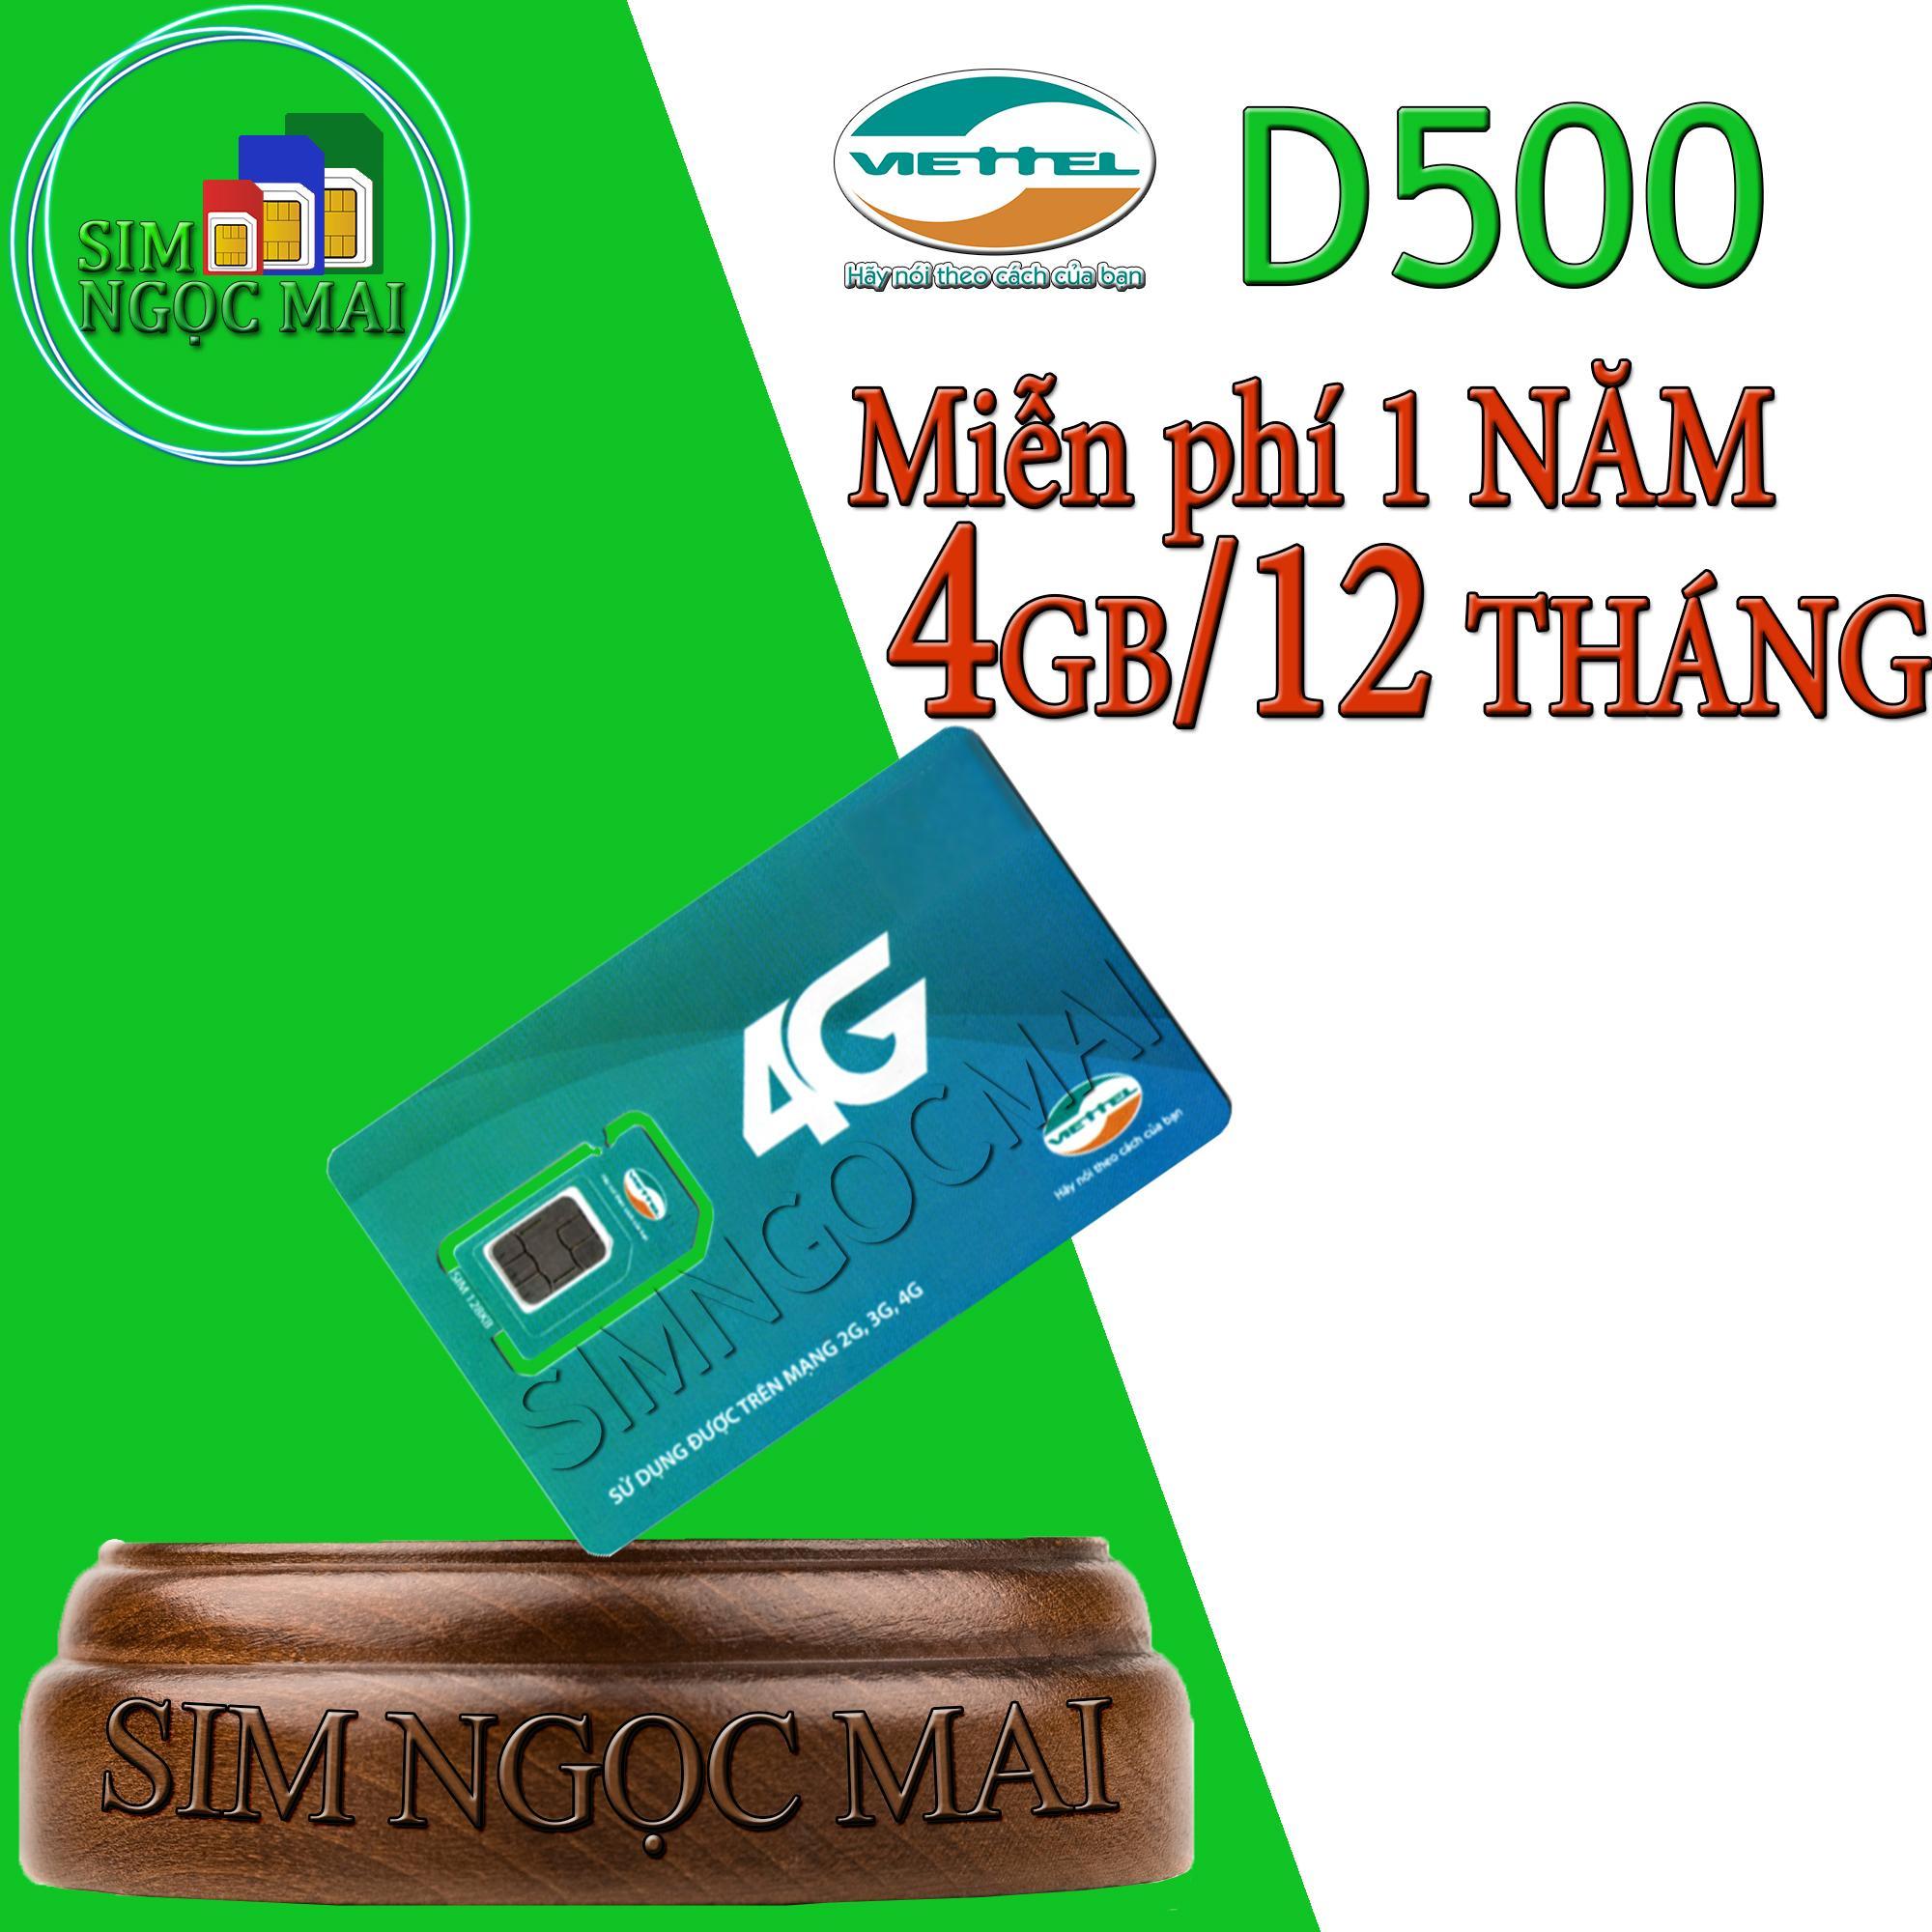 Mã Giảm Giá Khi Mua Sim 4G Viettel D500 4Gb/tháng Trọn Gói 12 Tháng